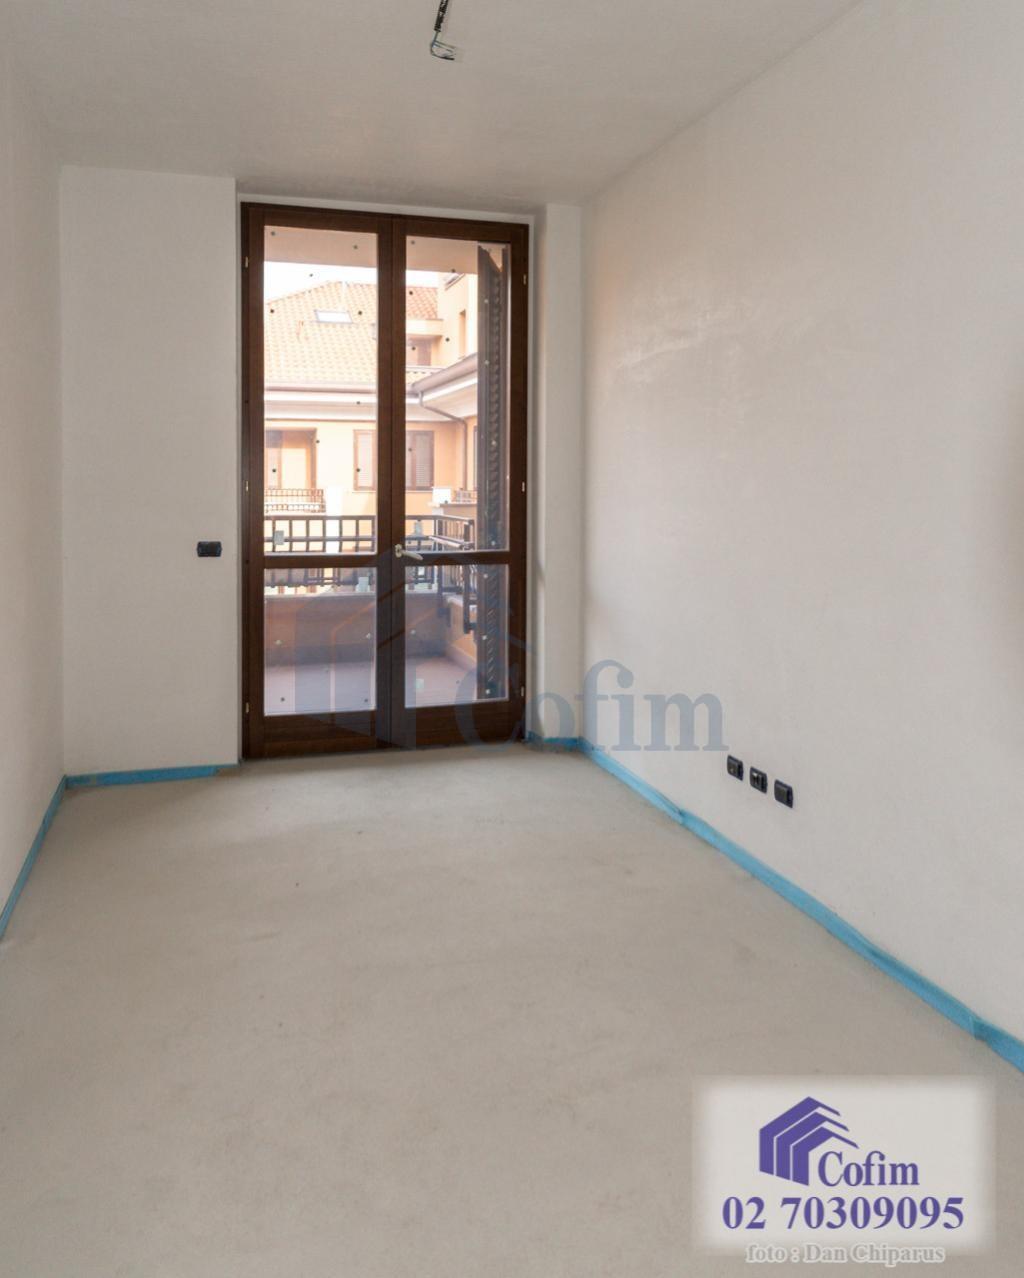 Appartamento confortevole  Quadrifoglio 4 (Peschiera Borromeo) - in Vendita - 8